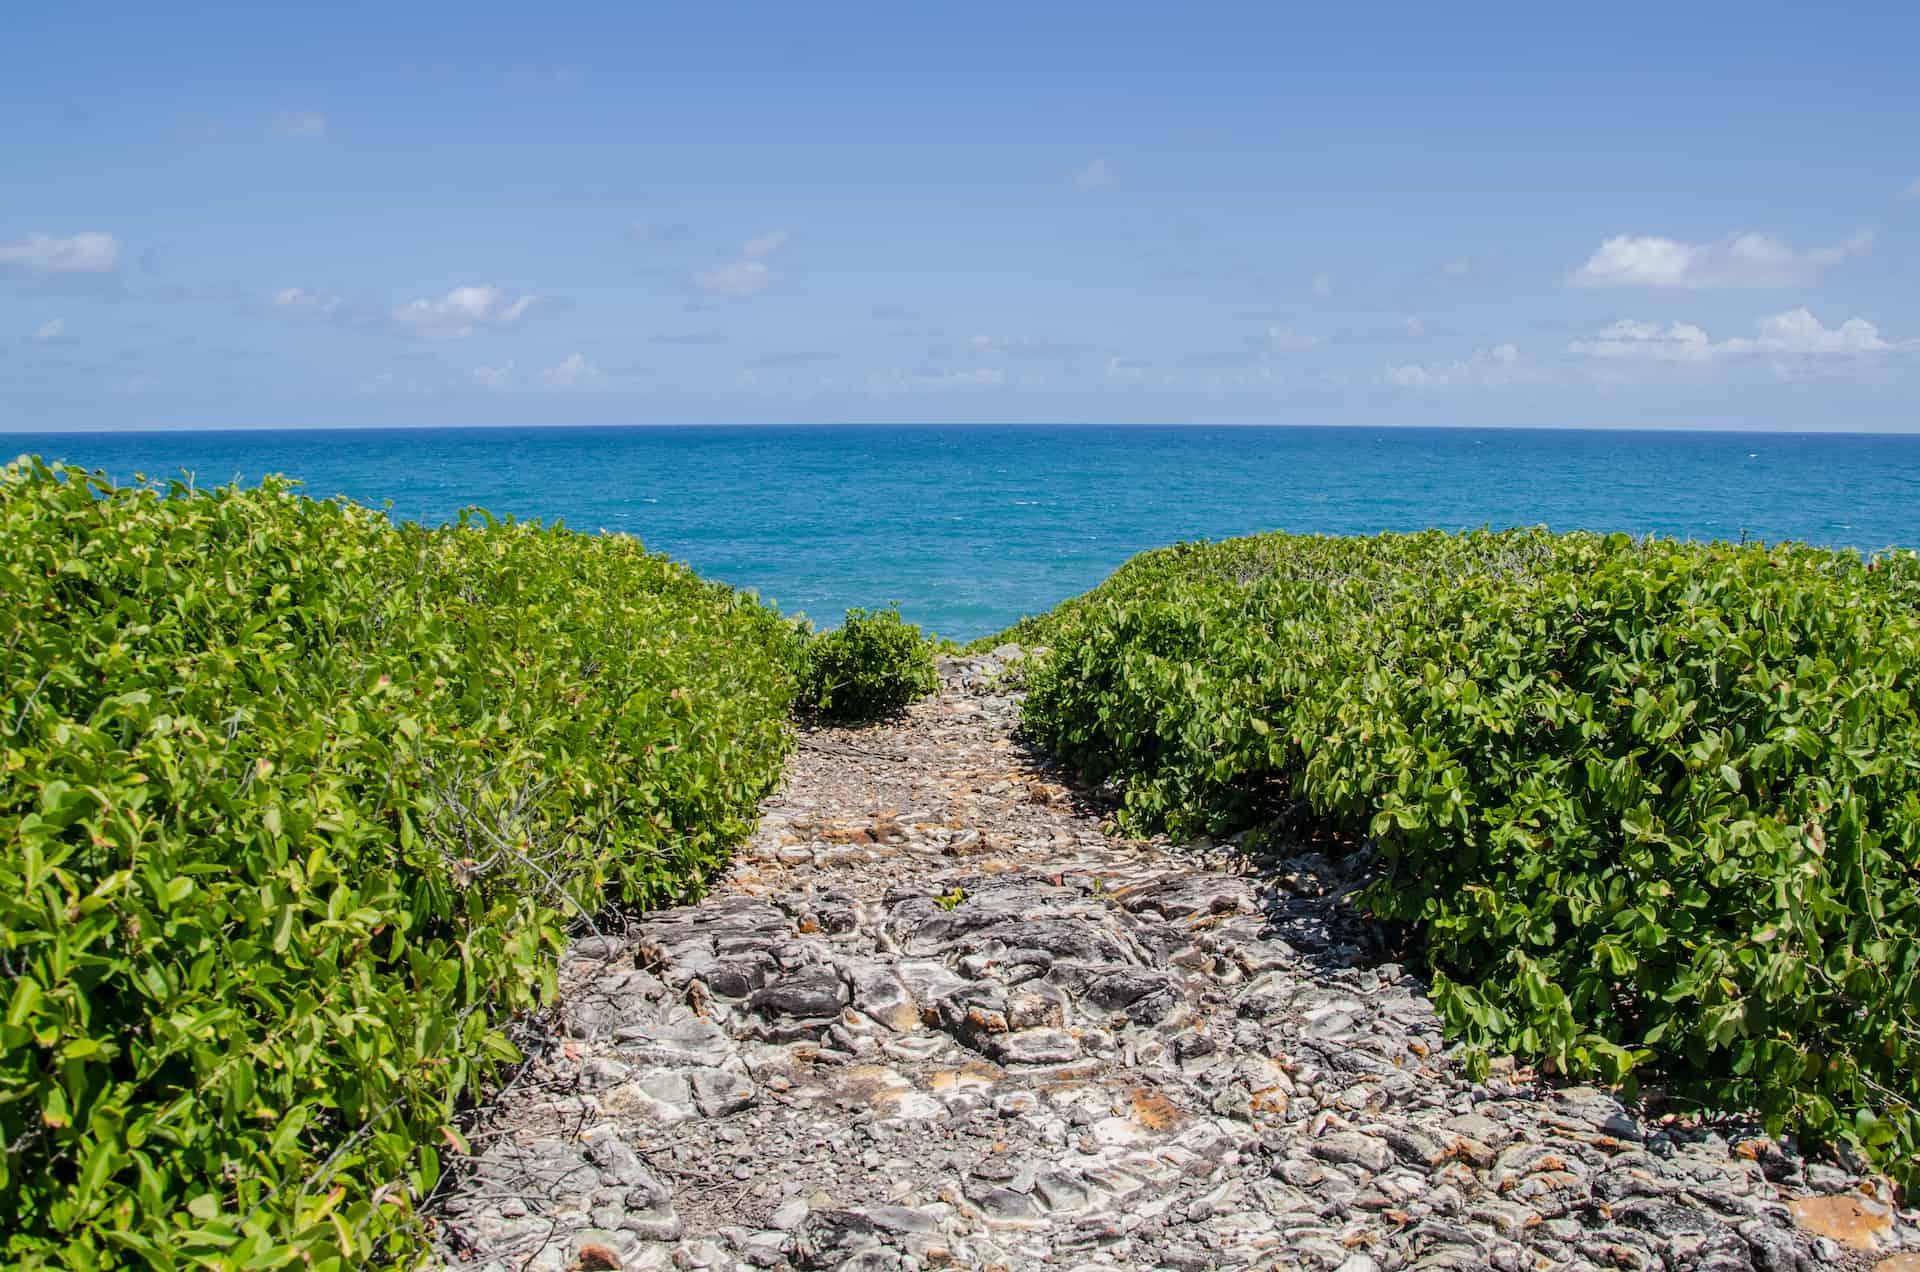 Cómo llegar a la Isla de Santo Aleixo en Pernambuco